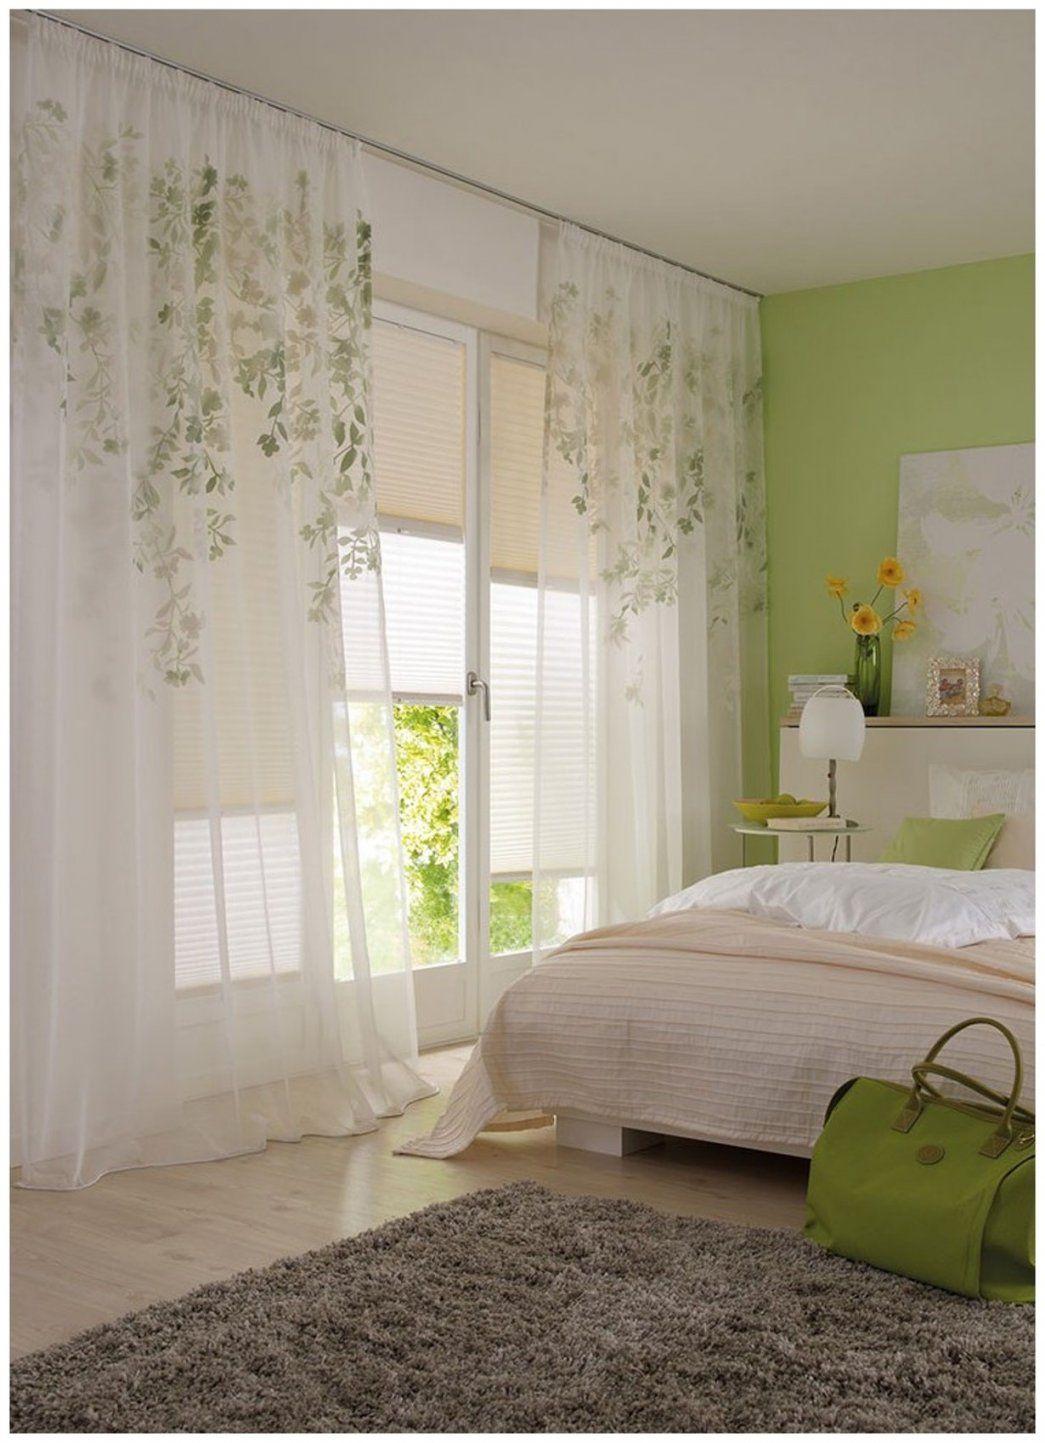 Luxus Gardinen Für Schlafzimmer Sammlung Von Gardinen Dekor 222952 von Gardinen Für Schlafzimmerfenster Bild